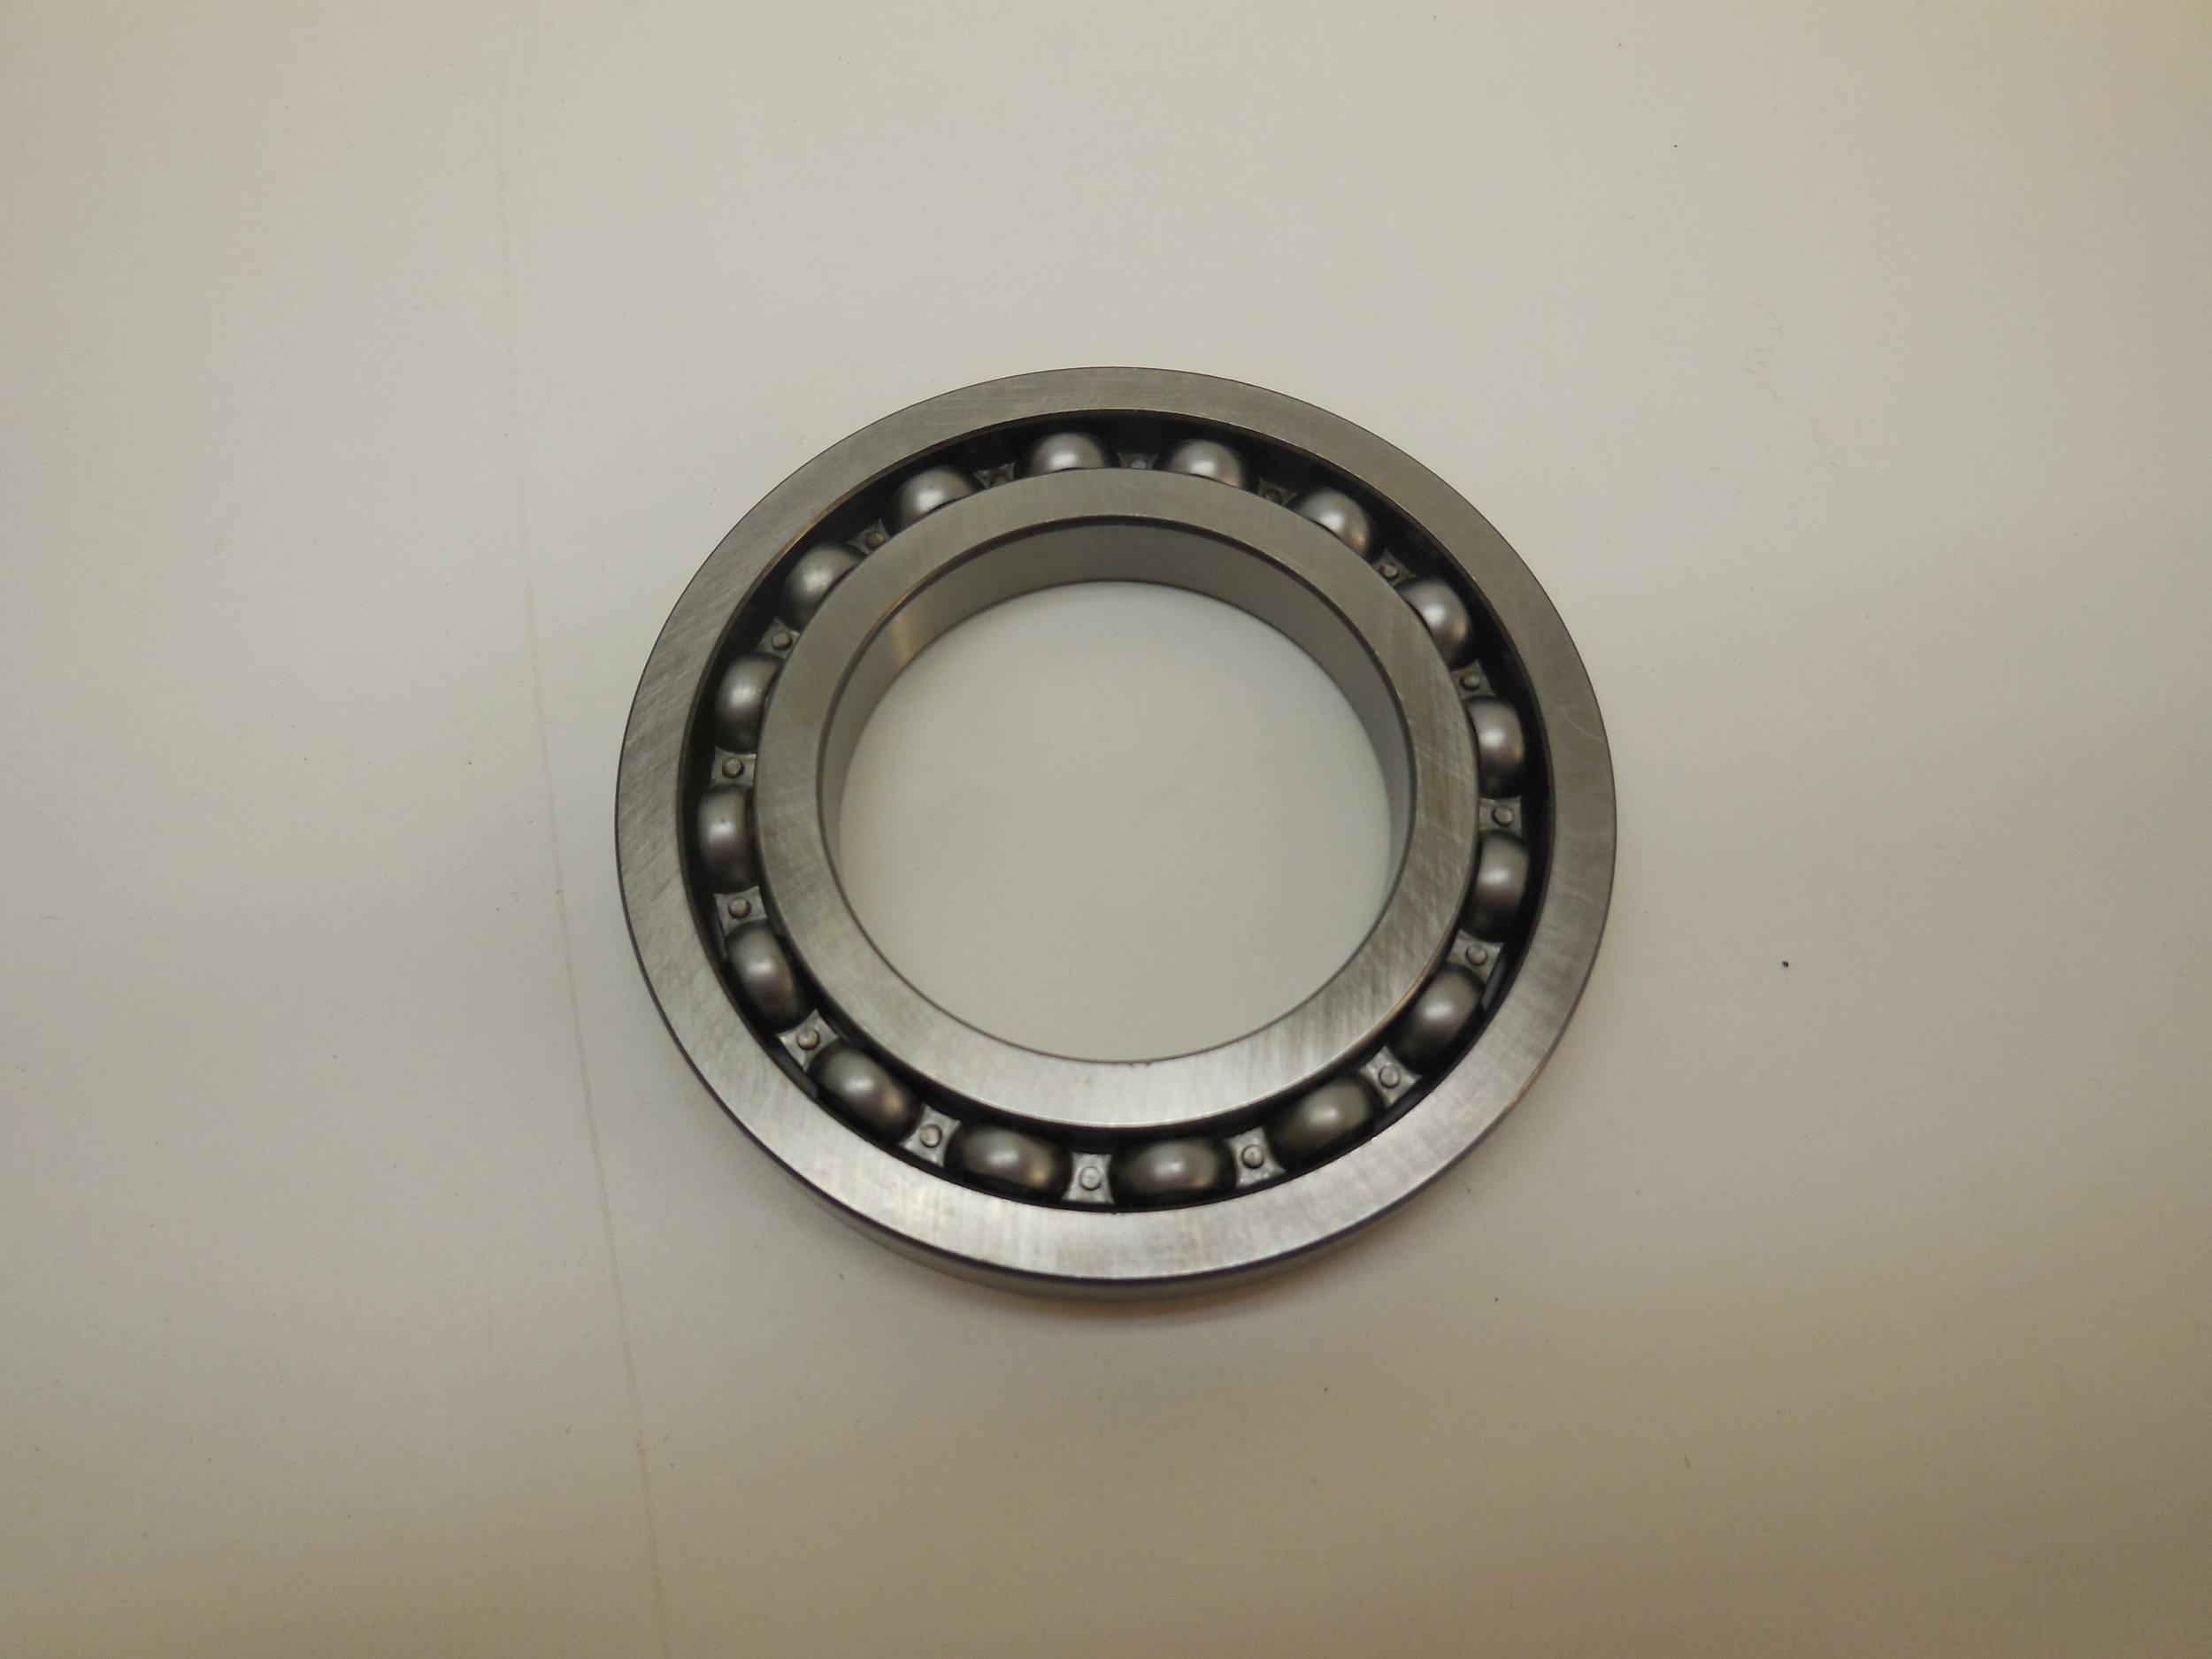 Bearings MB nr: 000 625 016 008 Price: 92 Sek